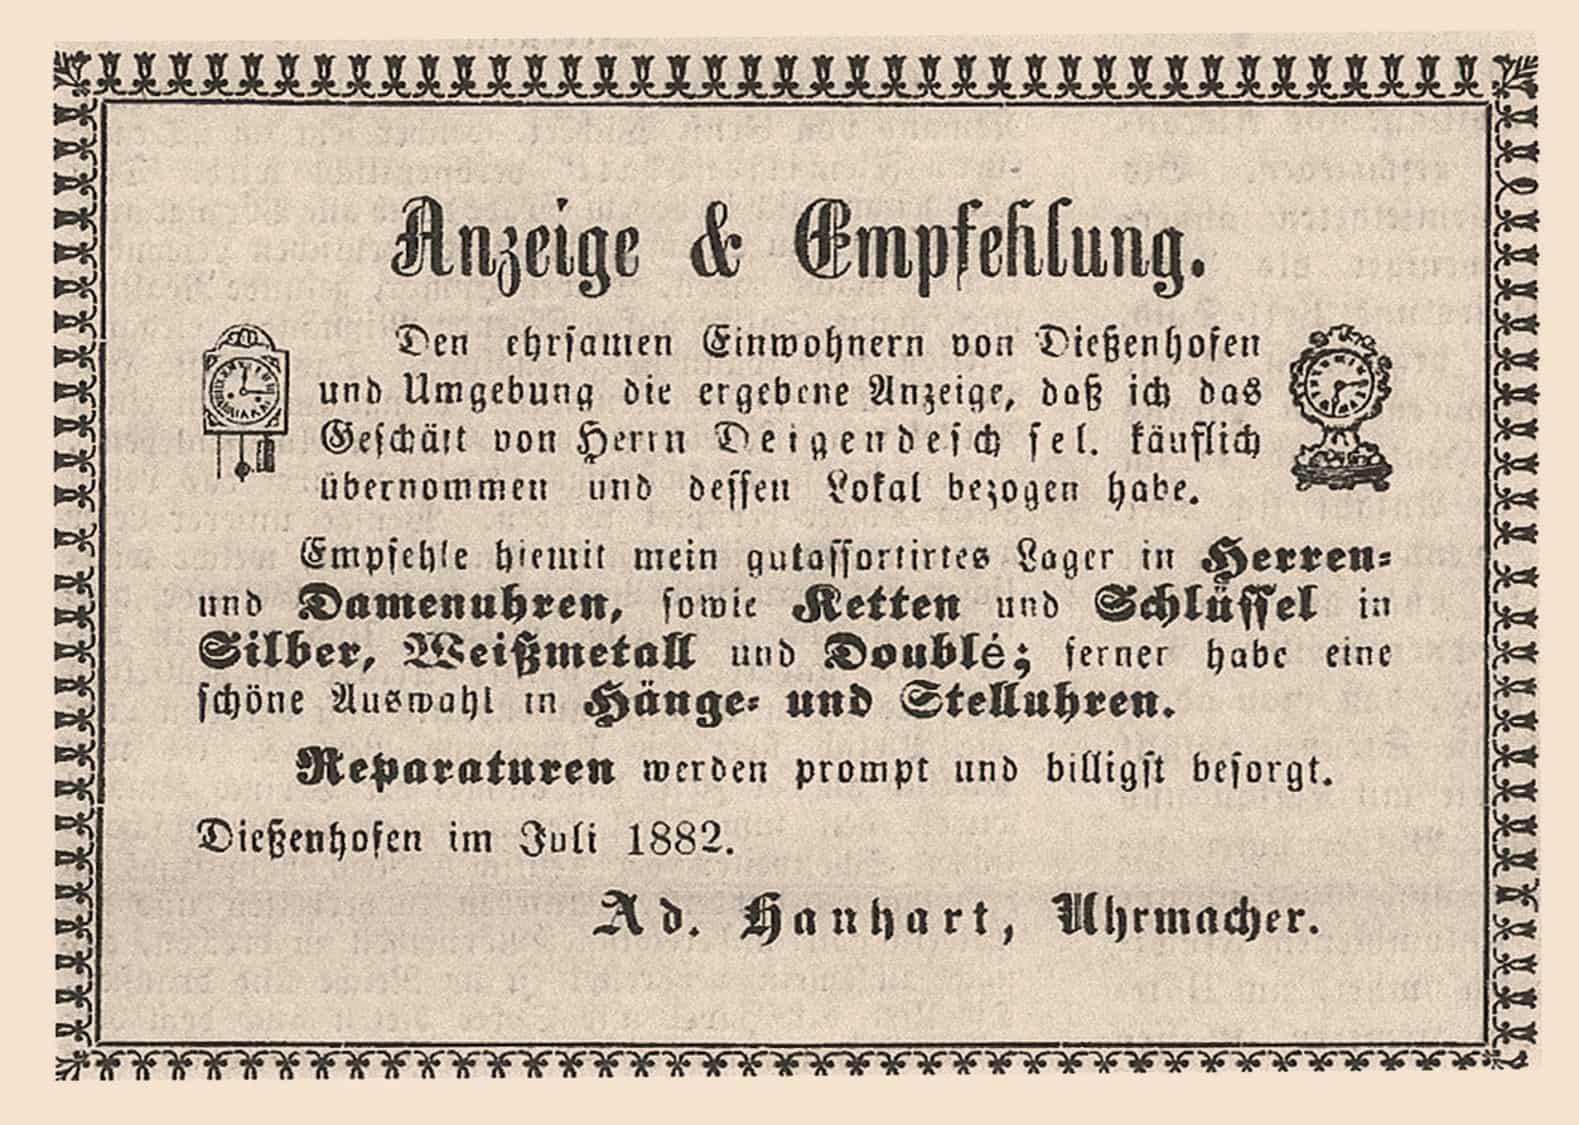 Uhrmacher Adolf Hanhart zeigte die Übernahme eines Uhrengeschäfts per Zeitungsannonce im Jahr 1882 an